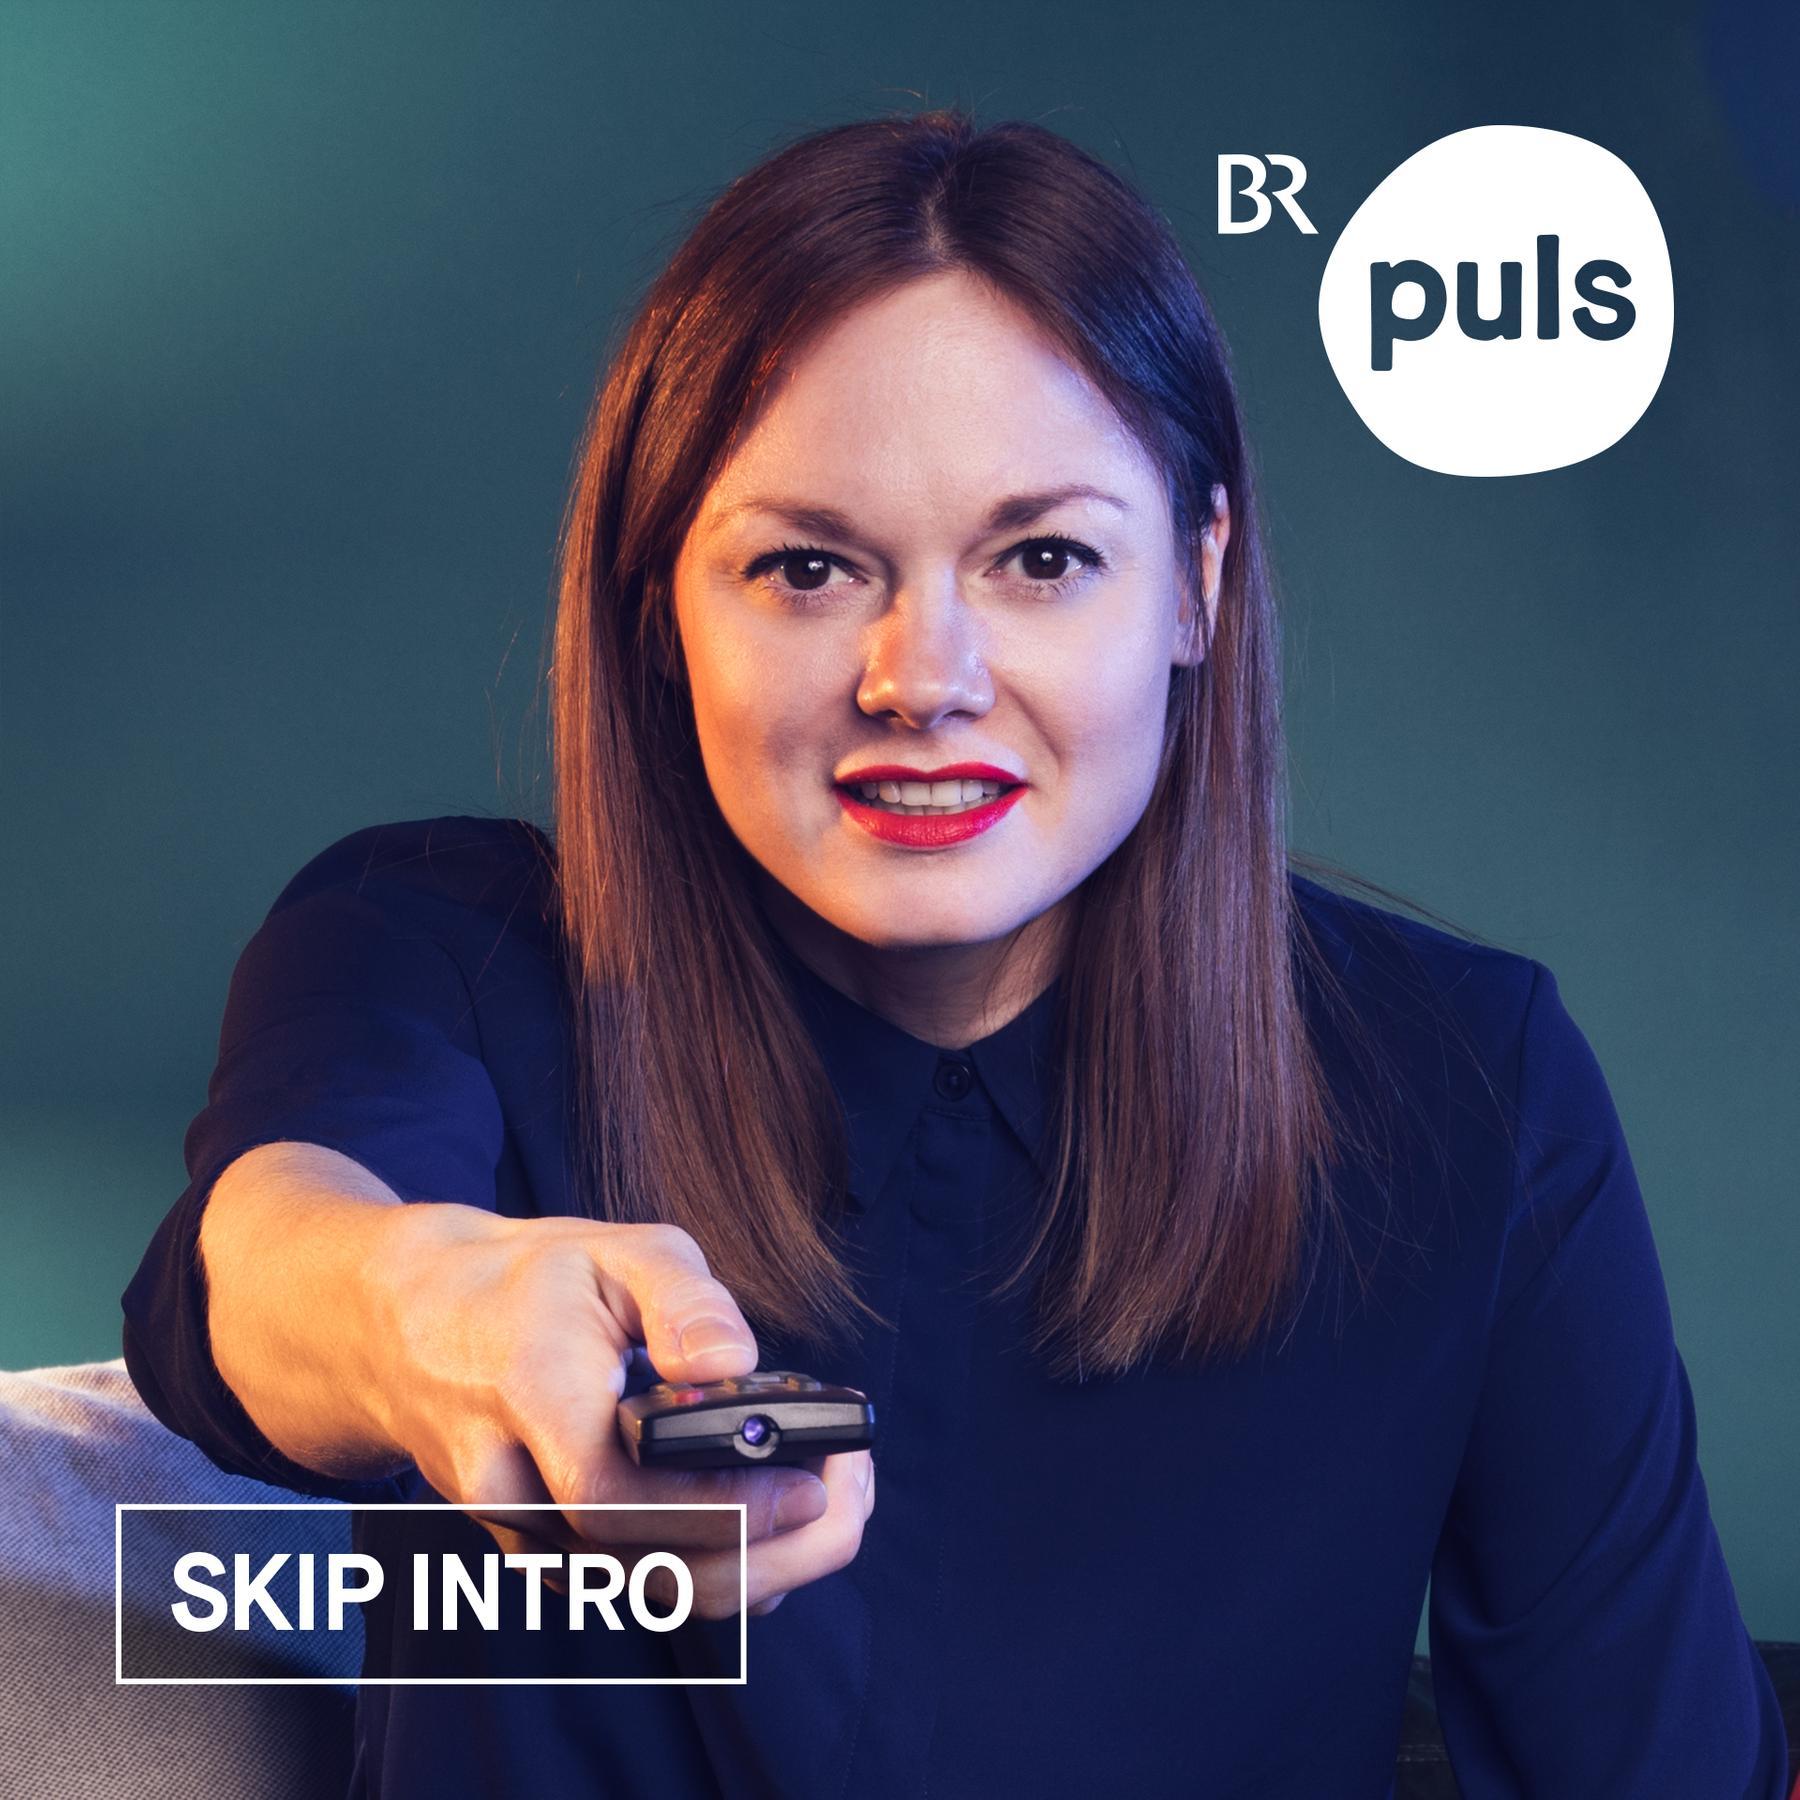 Seriengeheimtipps aus der ganzen Welt  beim Seriencamp - präsentiert von PULS